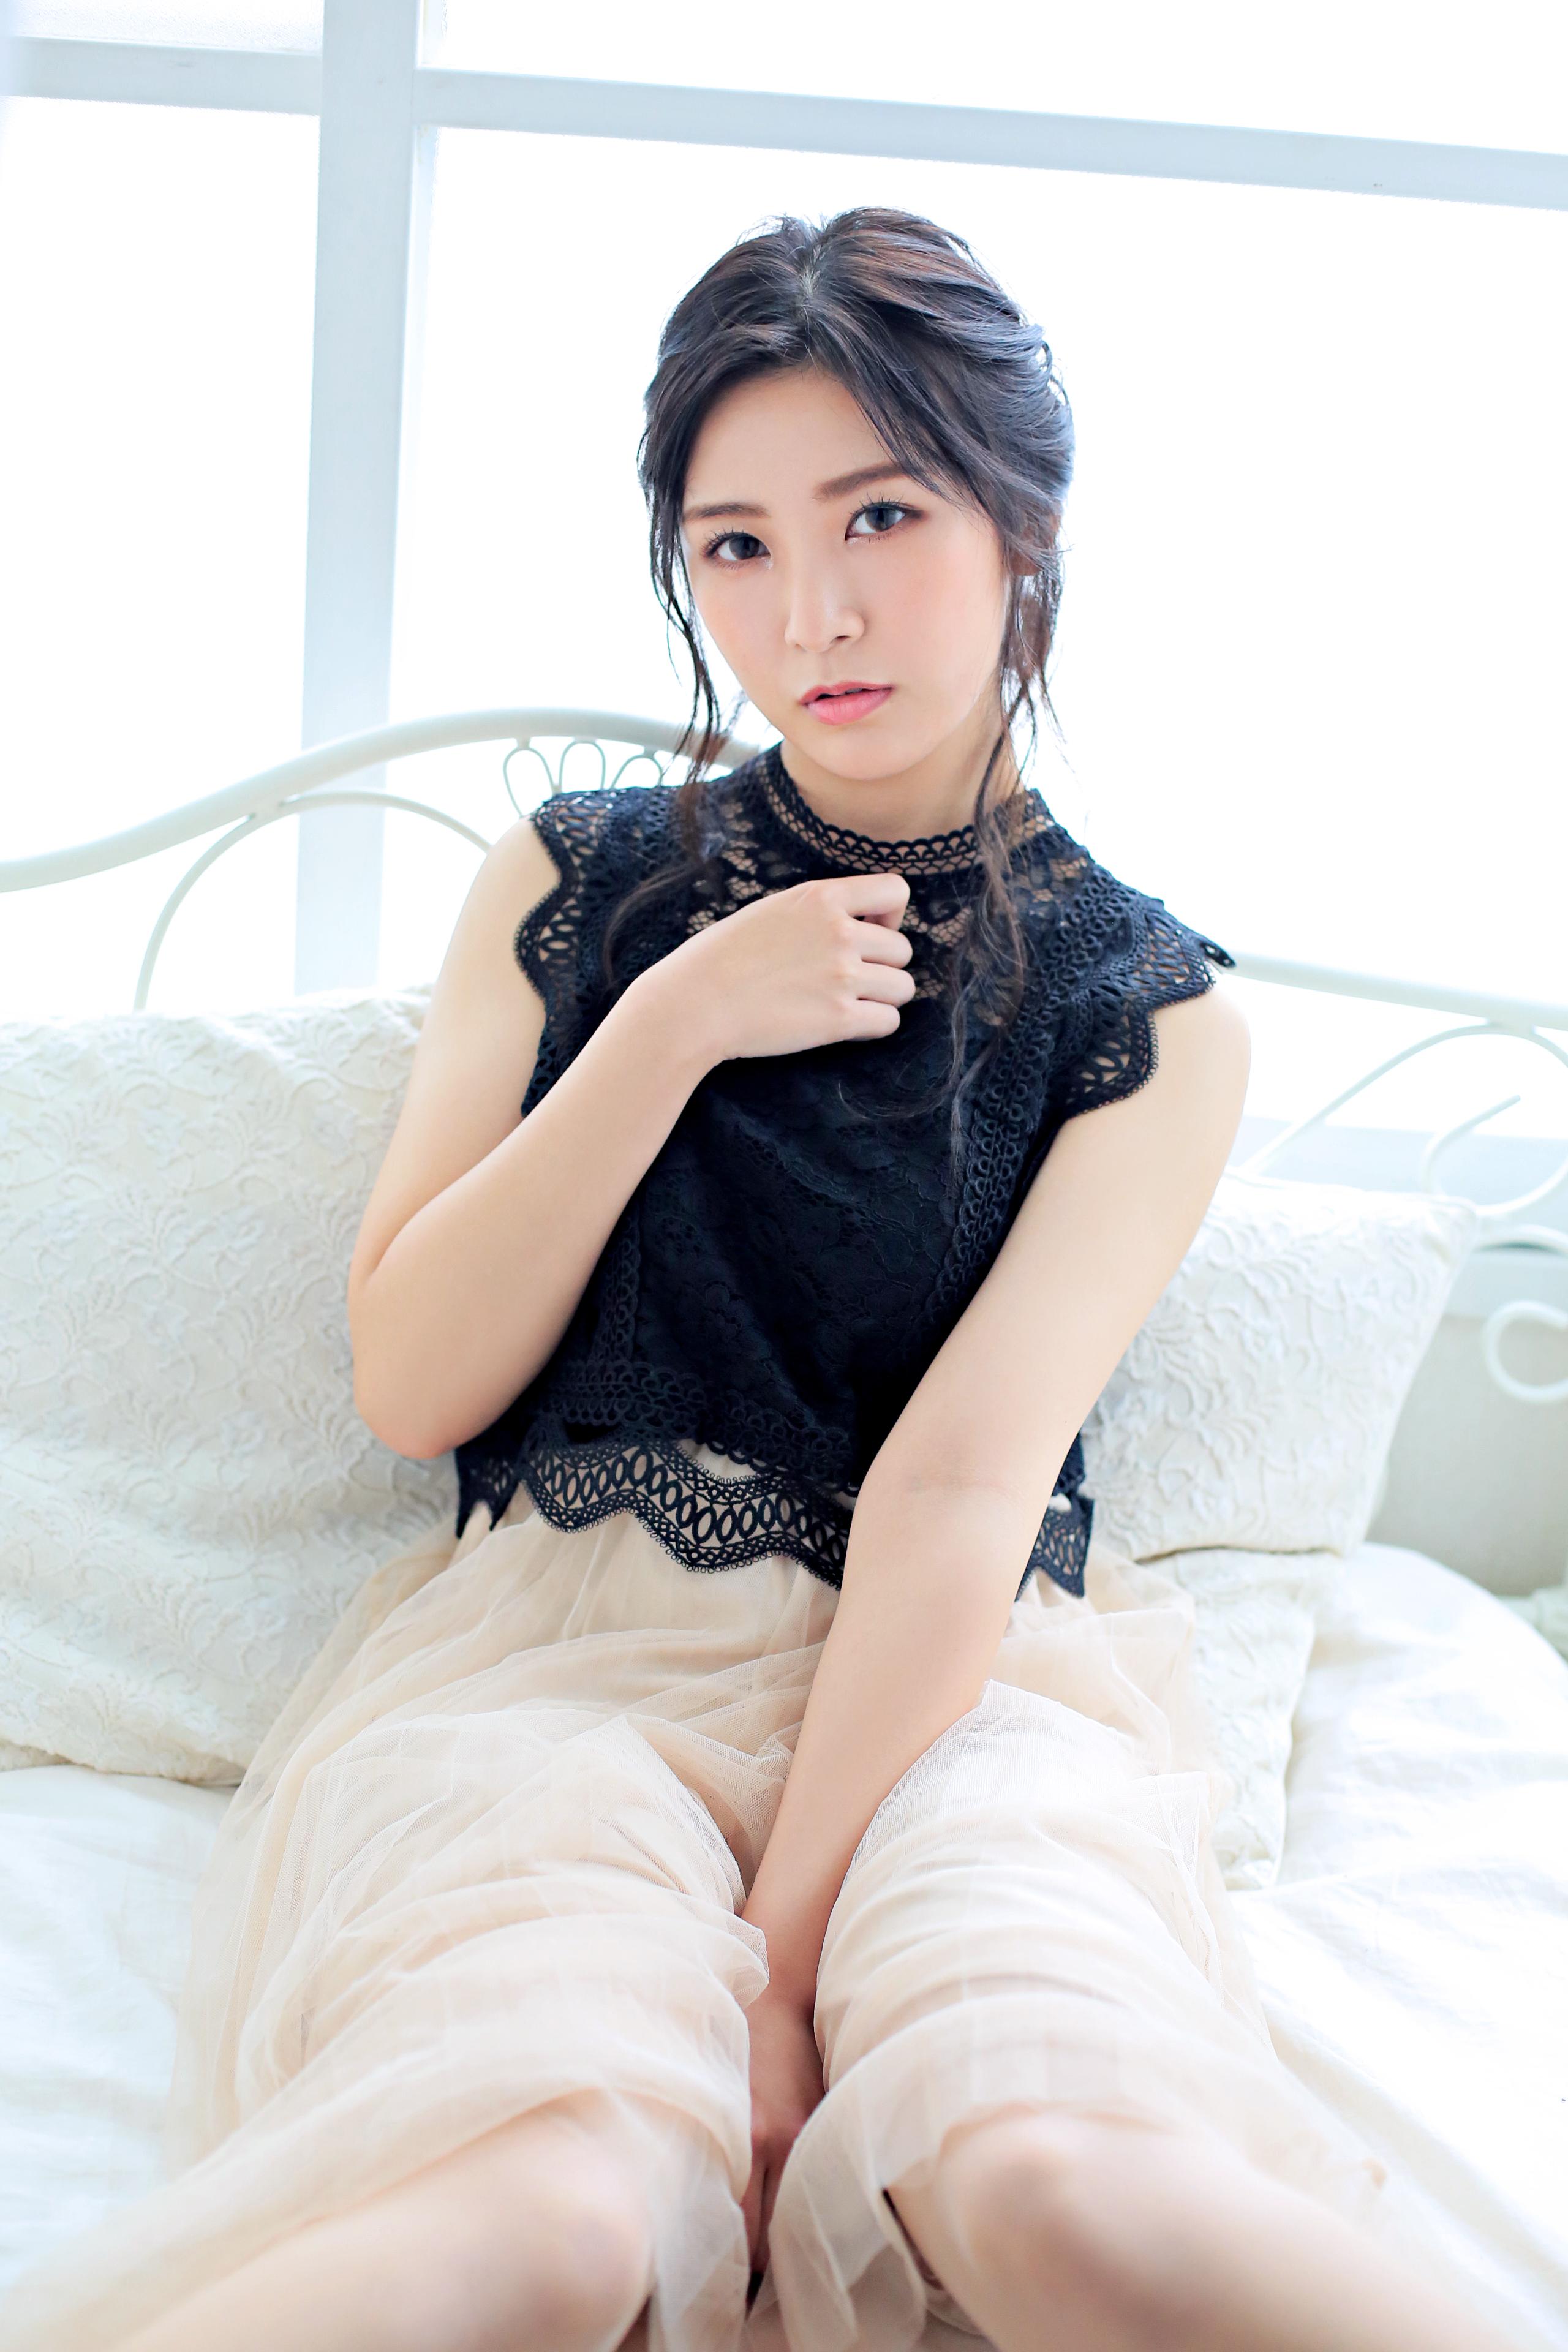 mizusaki_mio_s_t_03